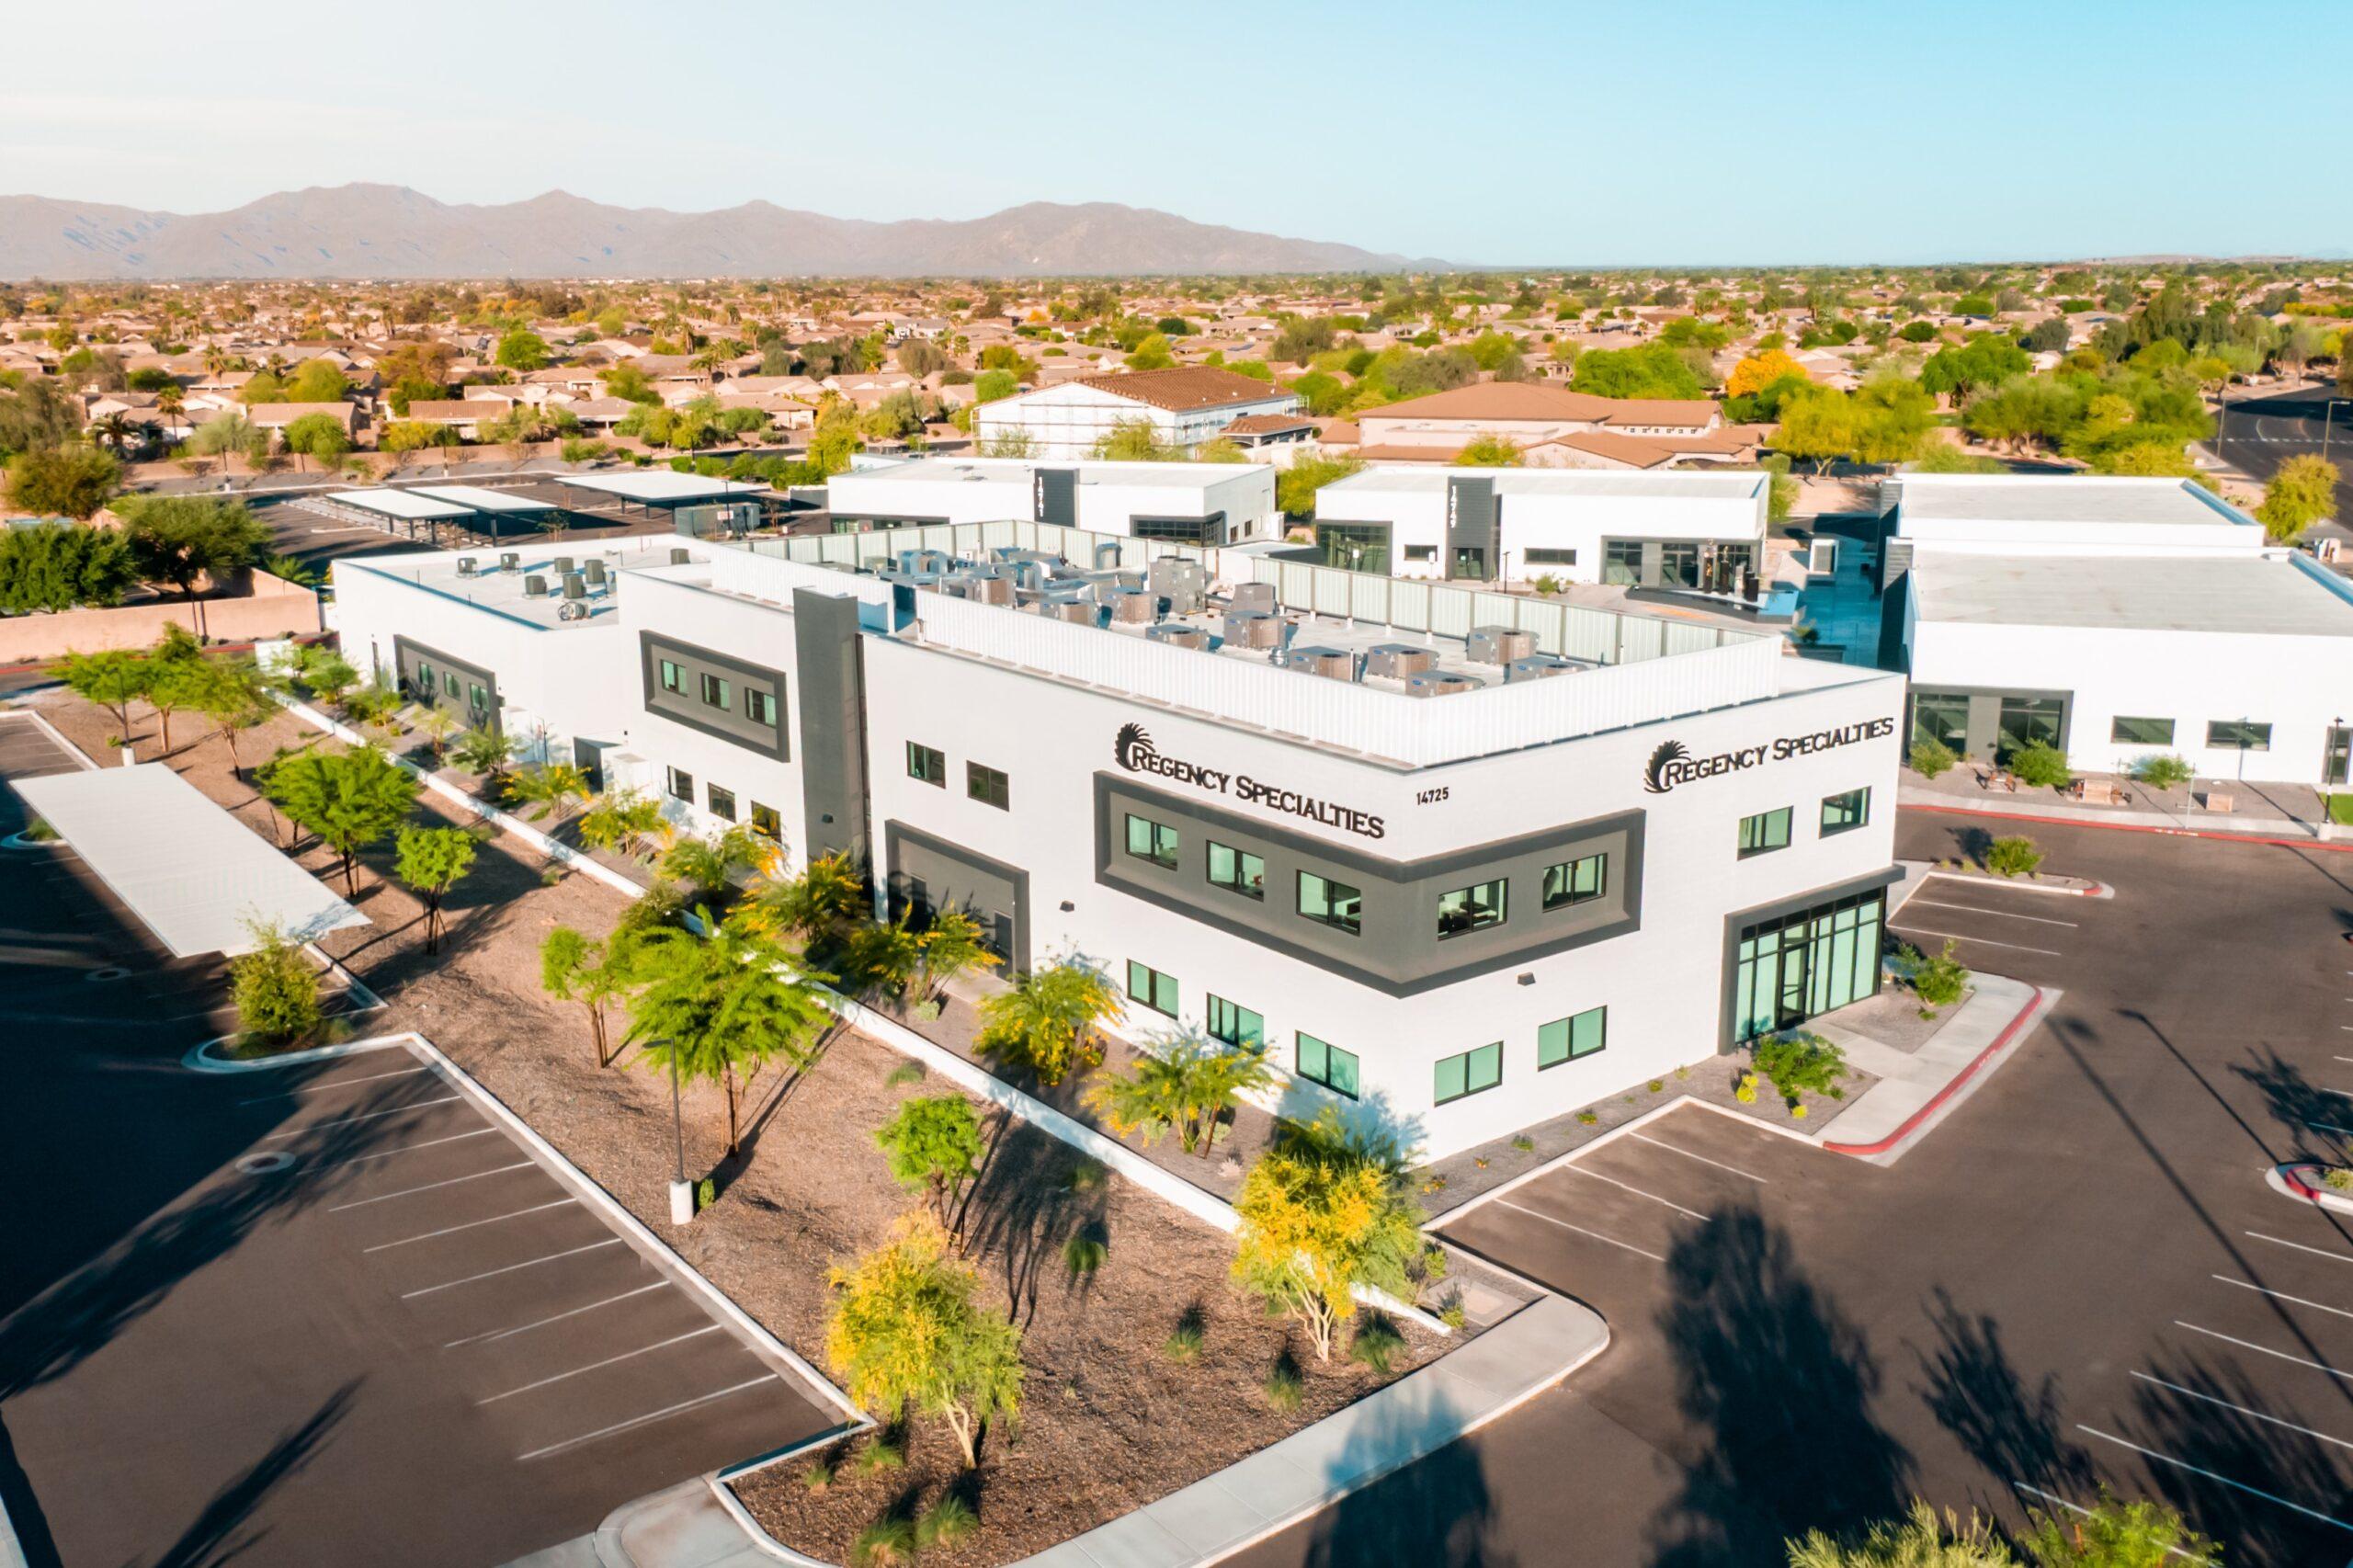 Auviana Medical Complec Regency Multispecialty Building